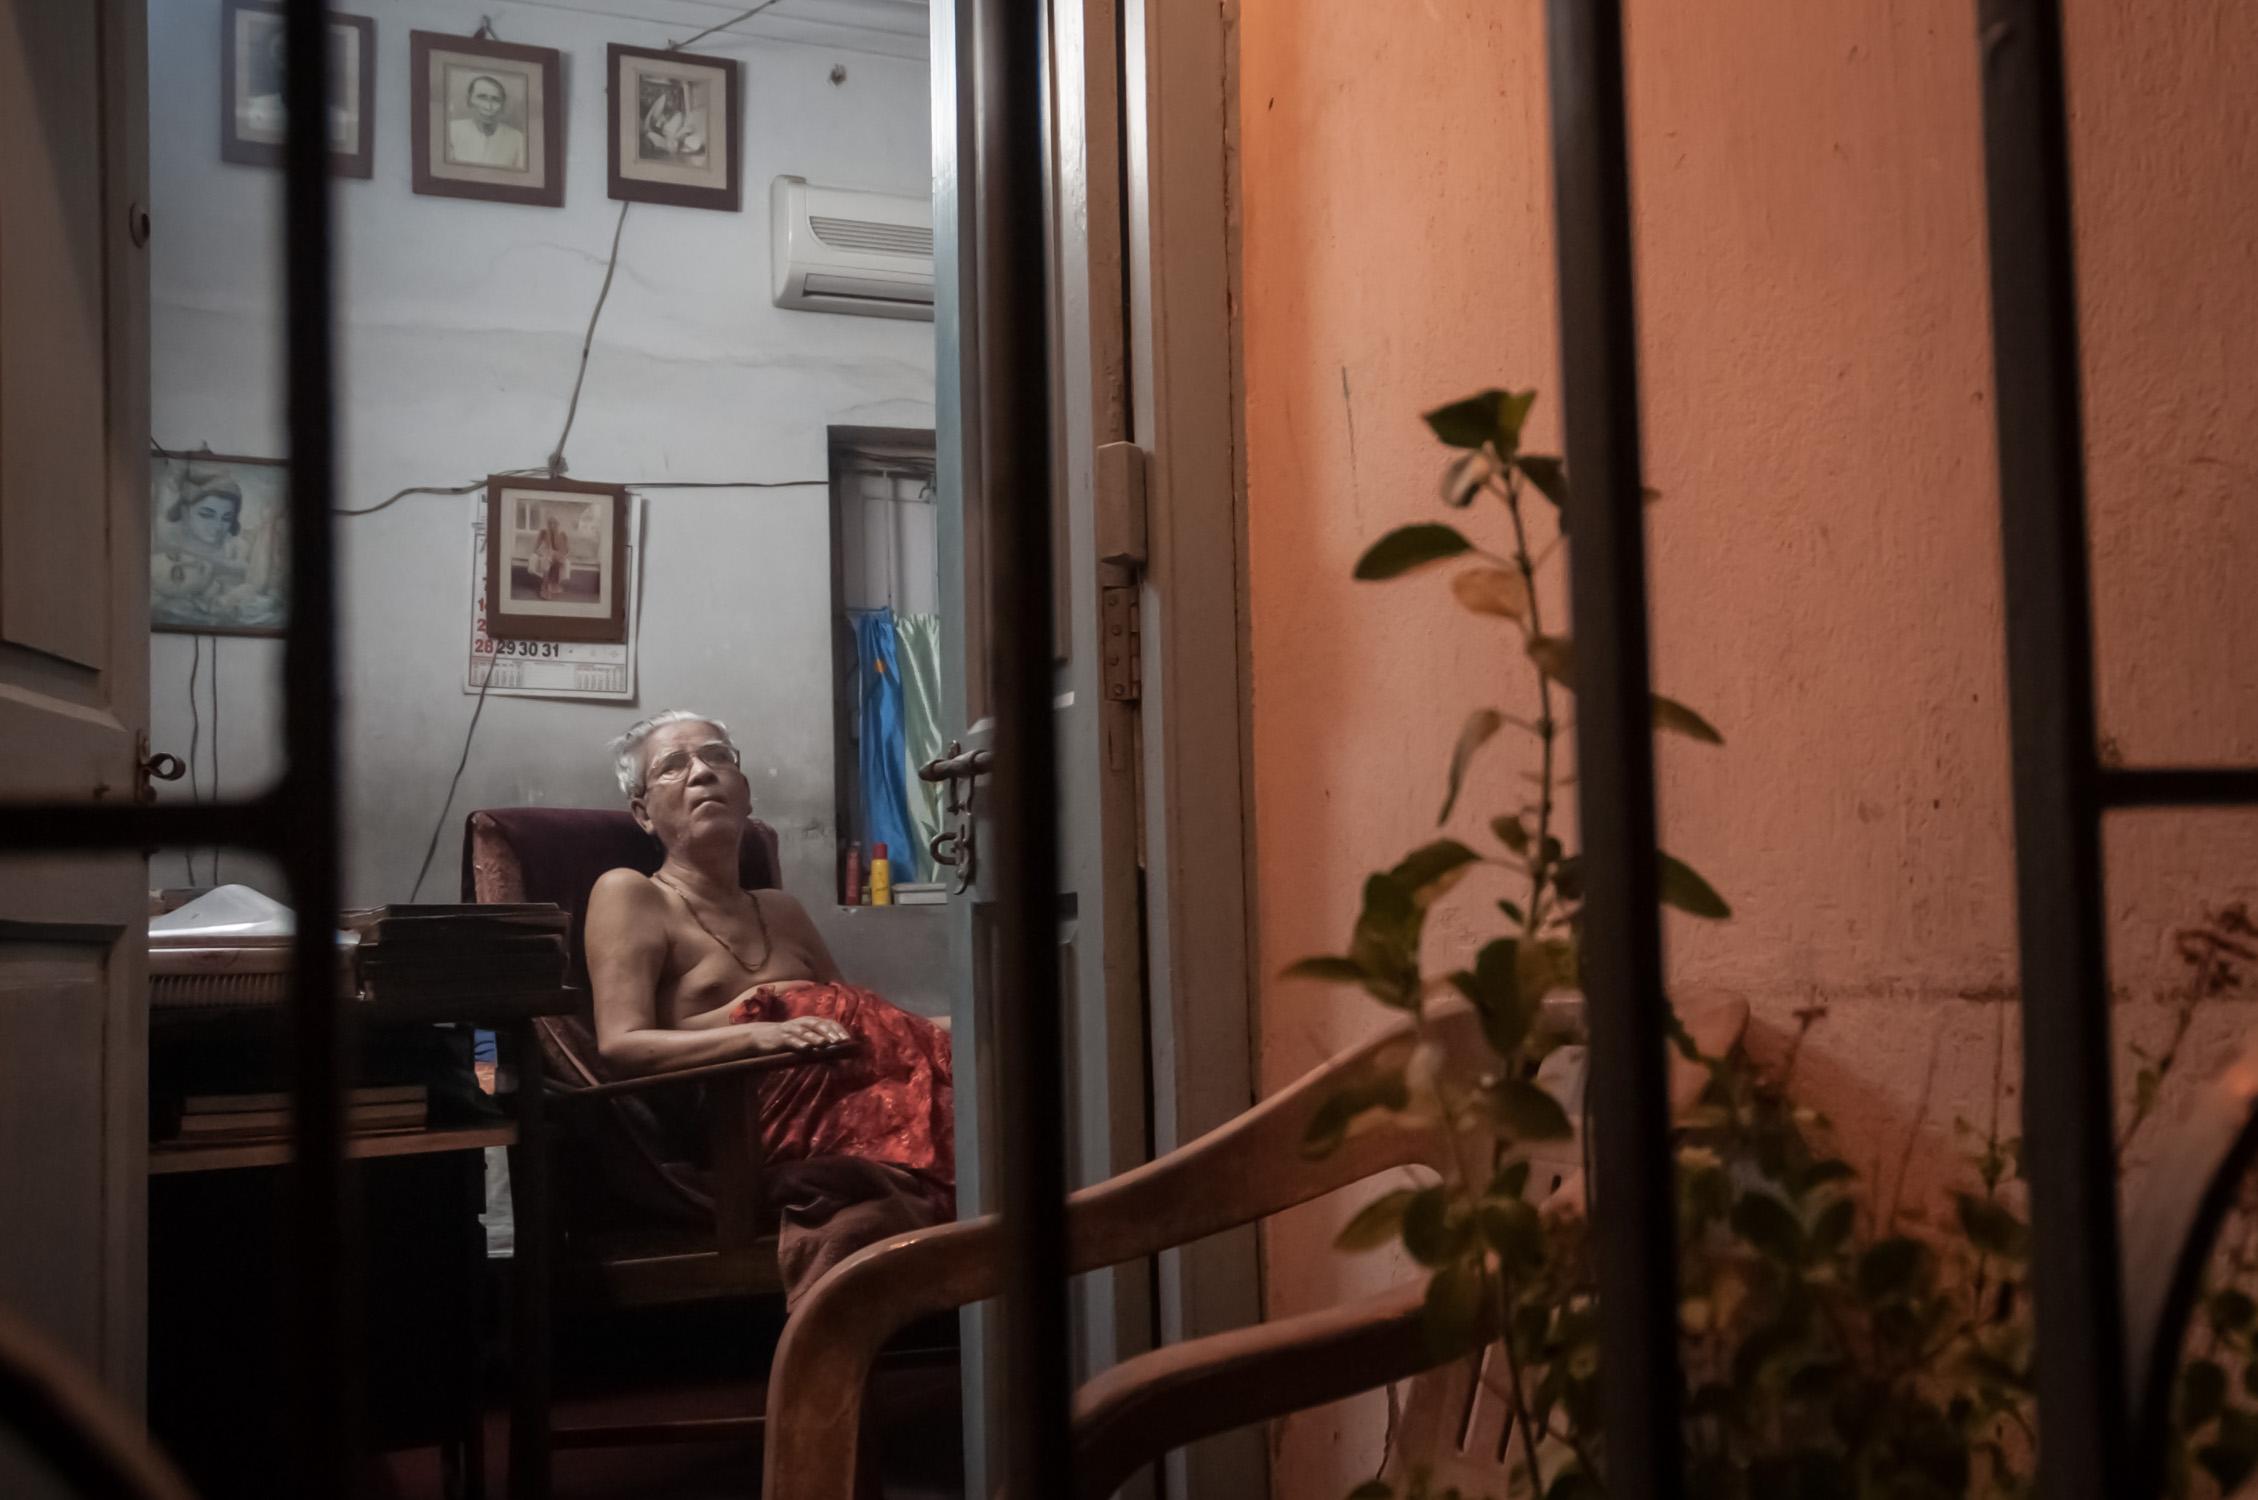 16_Chhandak Pradhan-journal-Living_in_Memory-old_dementia_grandparents.jpg